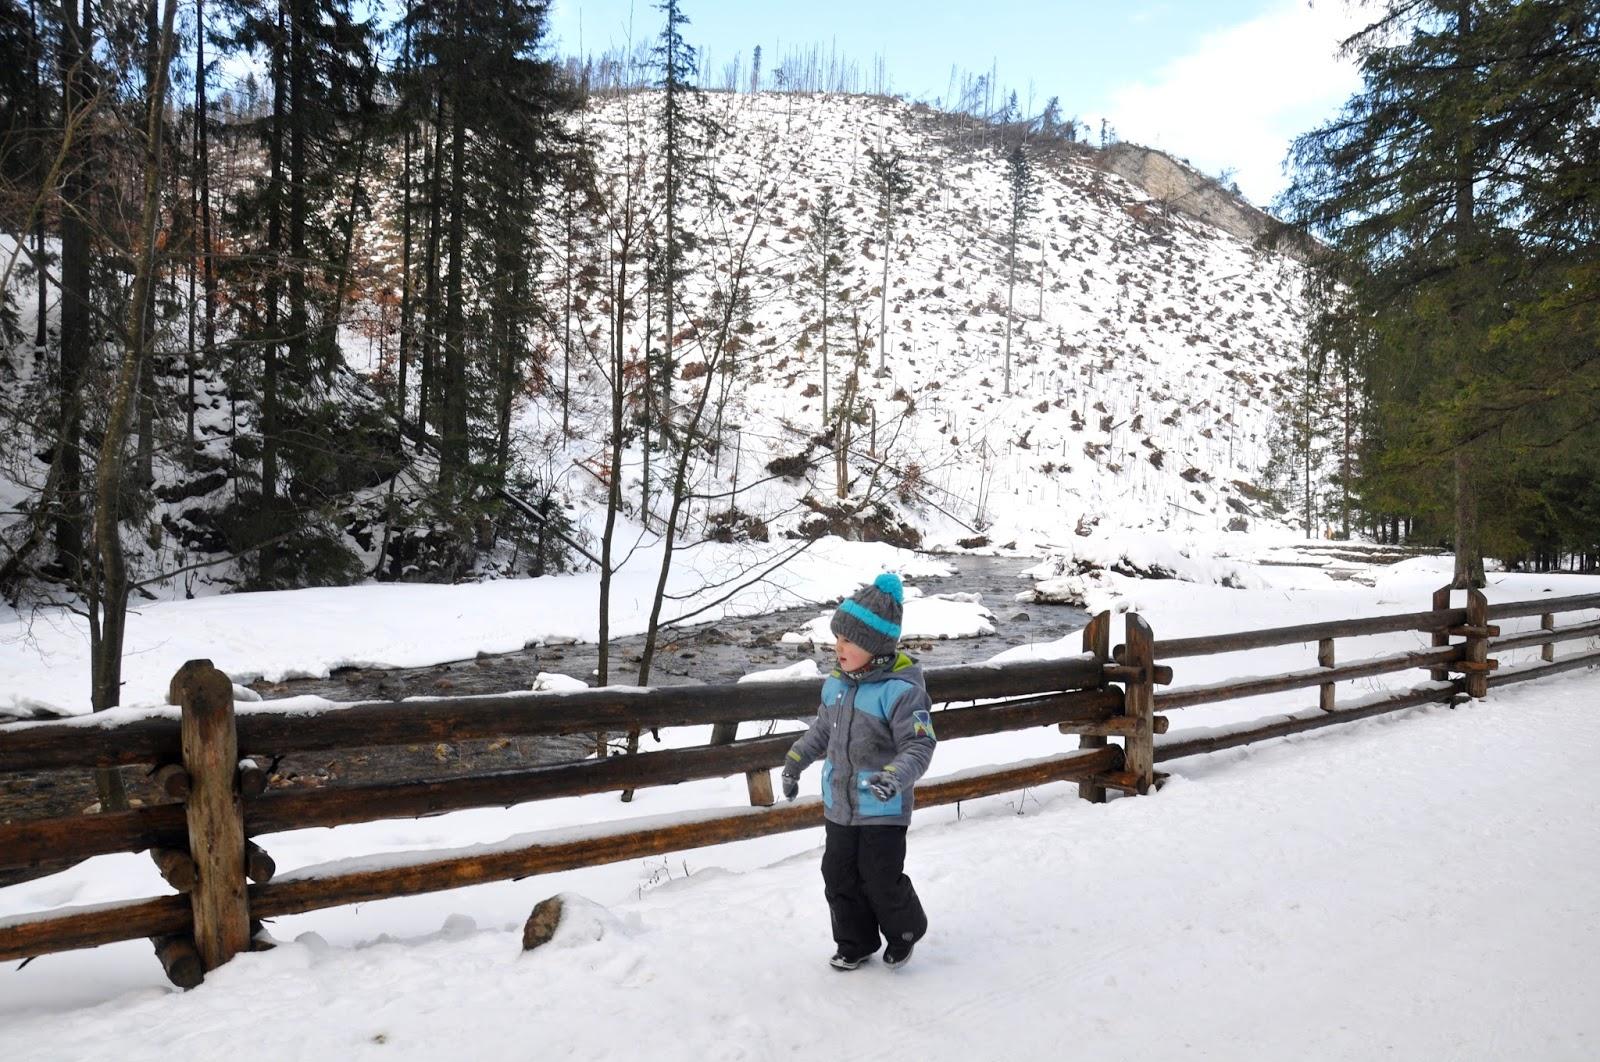 fa1b2275b85cb0 Ferie w górach, czyli co spakować na zimowy wyjazd z dzieckiem + ...